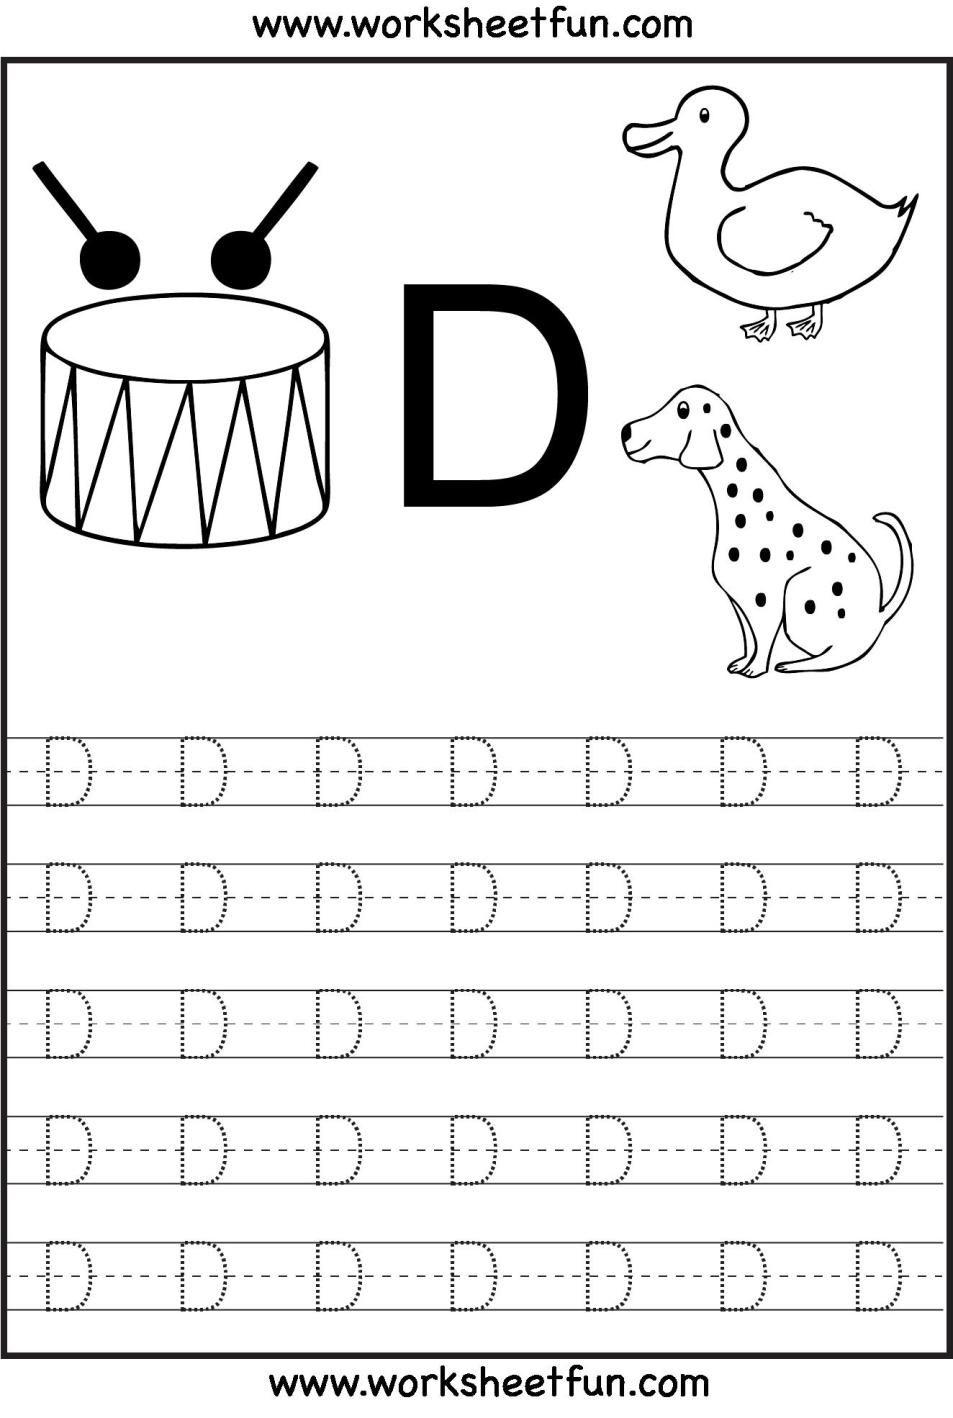 10 Printable Tracing Letters For Kindergarten In 2020 Alphabet Tracing Worksheets Letter D Worksheet Alphabet Worksheets Preschool